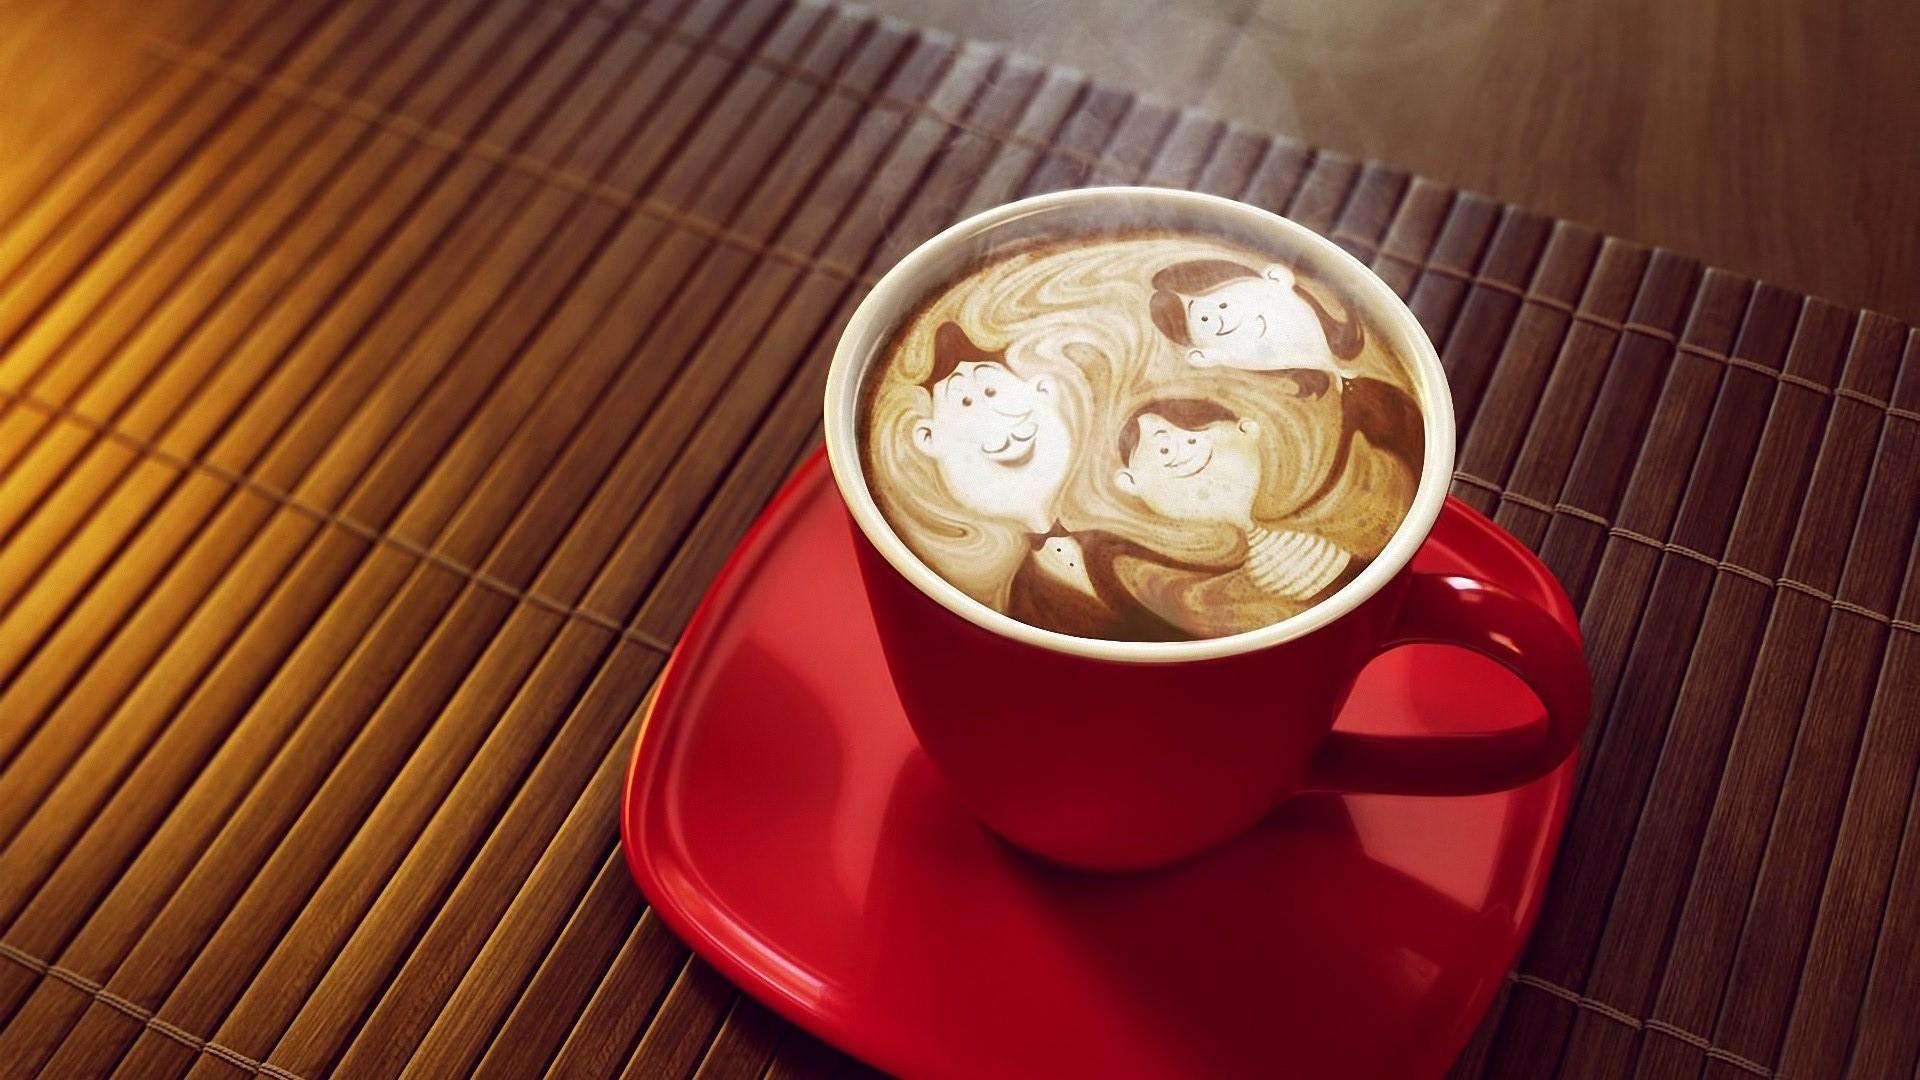 Best Coffee Cup Wallpaper High Resolution Wallpaper